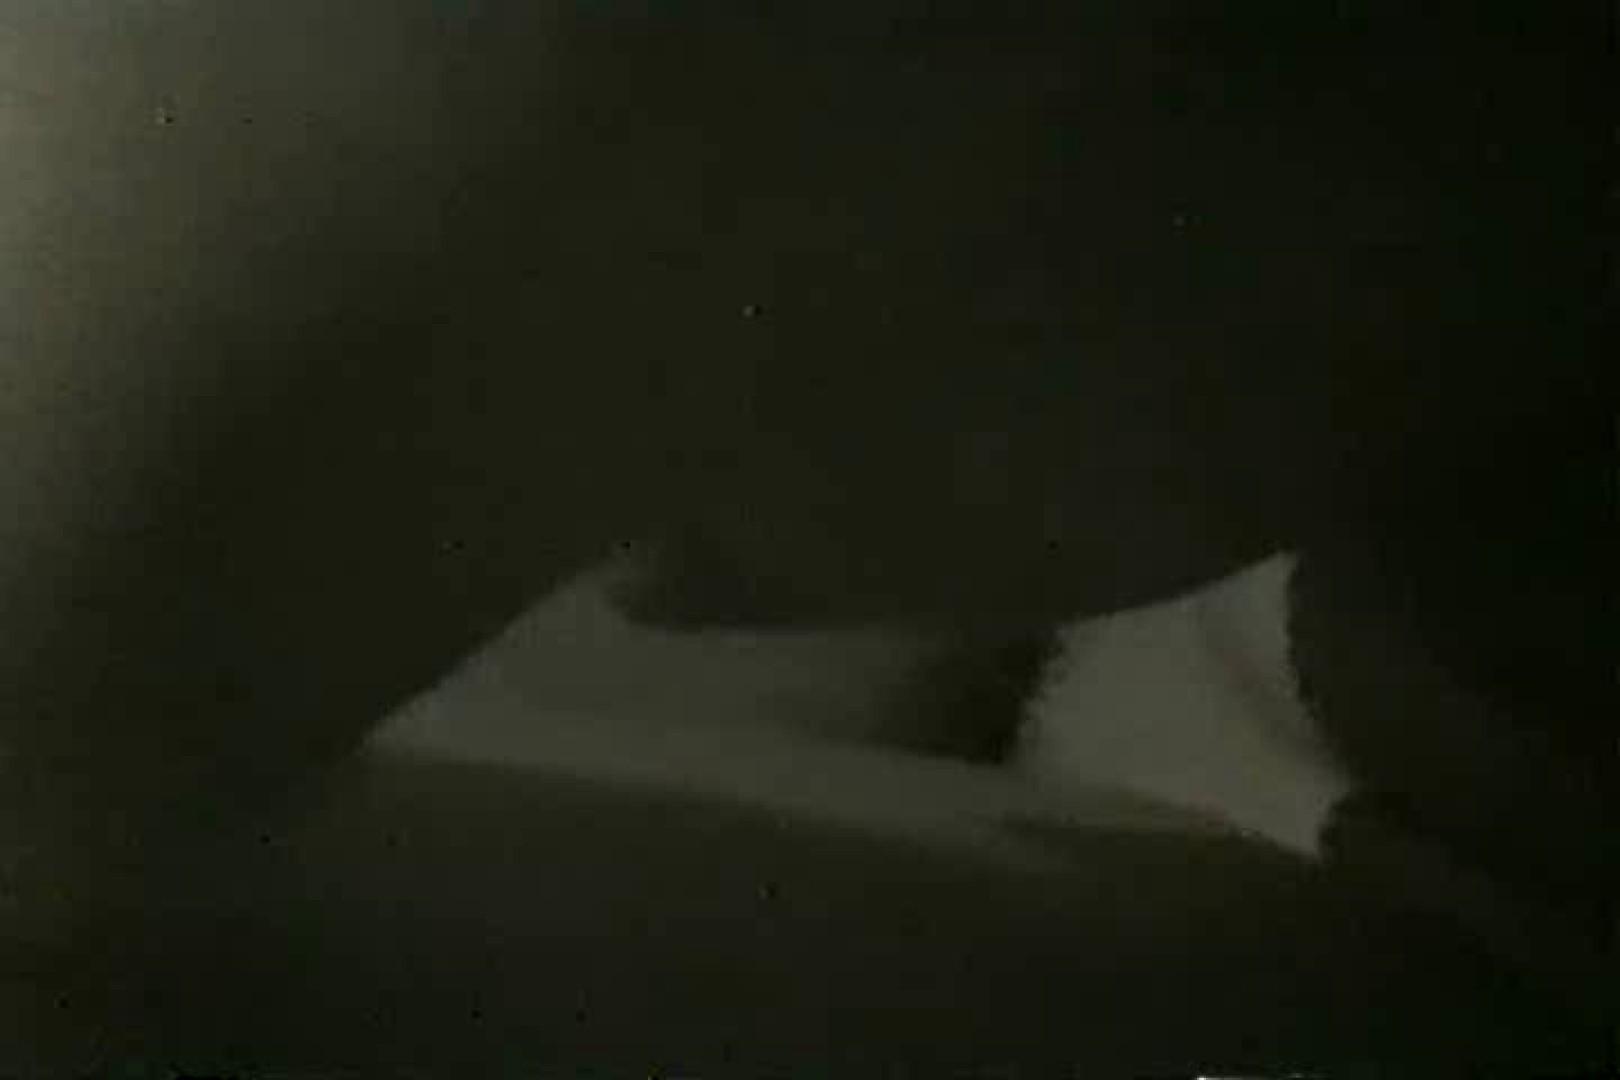 深夜の撮影会Vol.6 オナニーDEエッチ セックス画像 109PIX 28